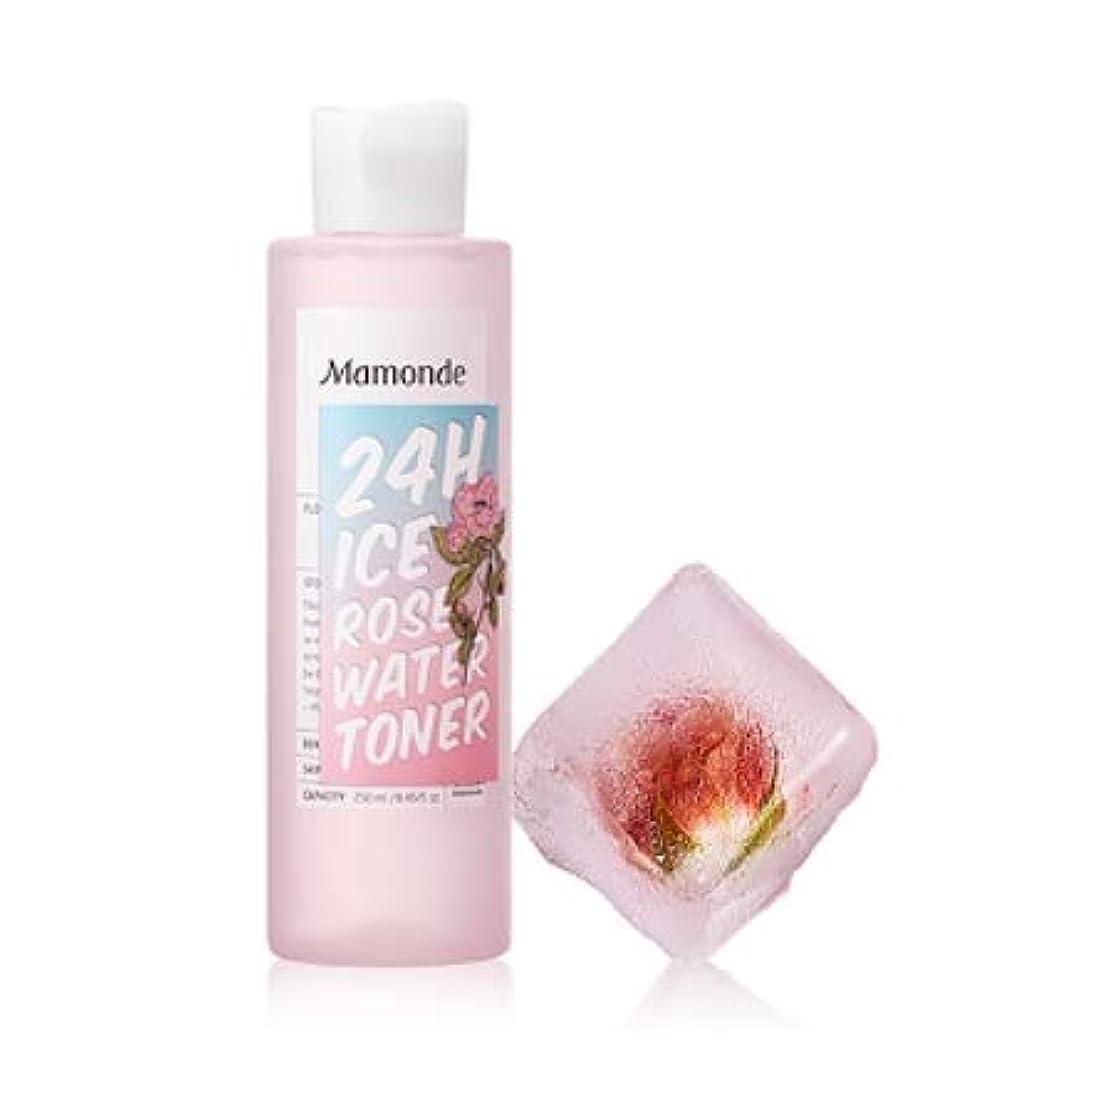 目に見える株式野望【マモンド.mamonde](公式)24Hアイスローズウォータートナー(250ml)(2019.05 new product)/ ice rose water toner